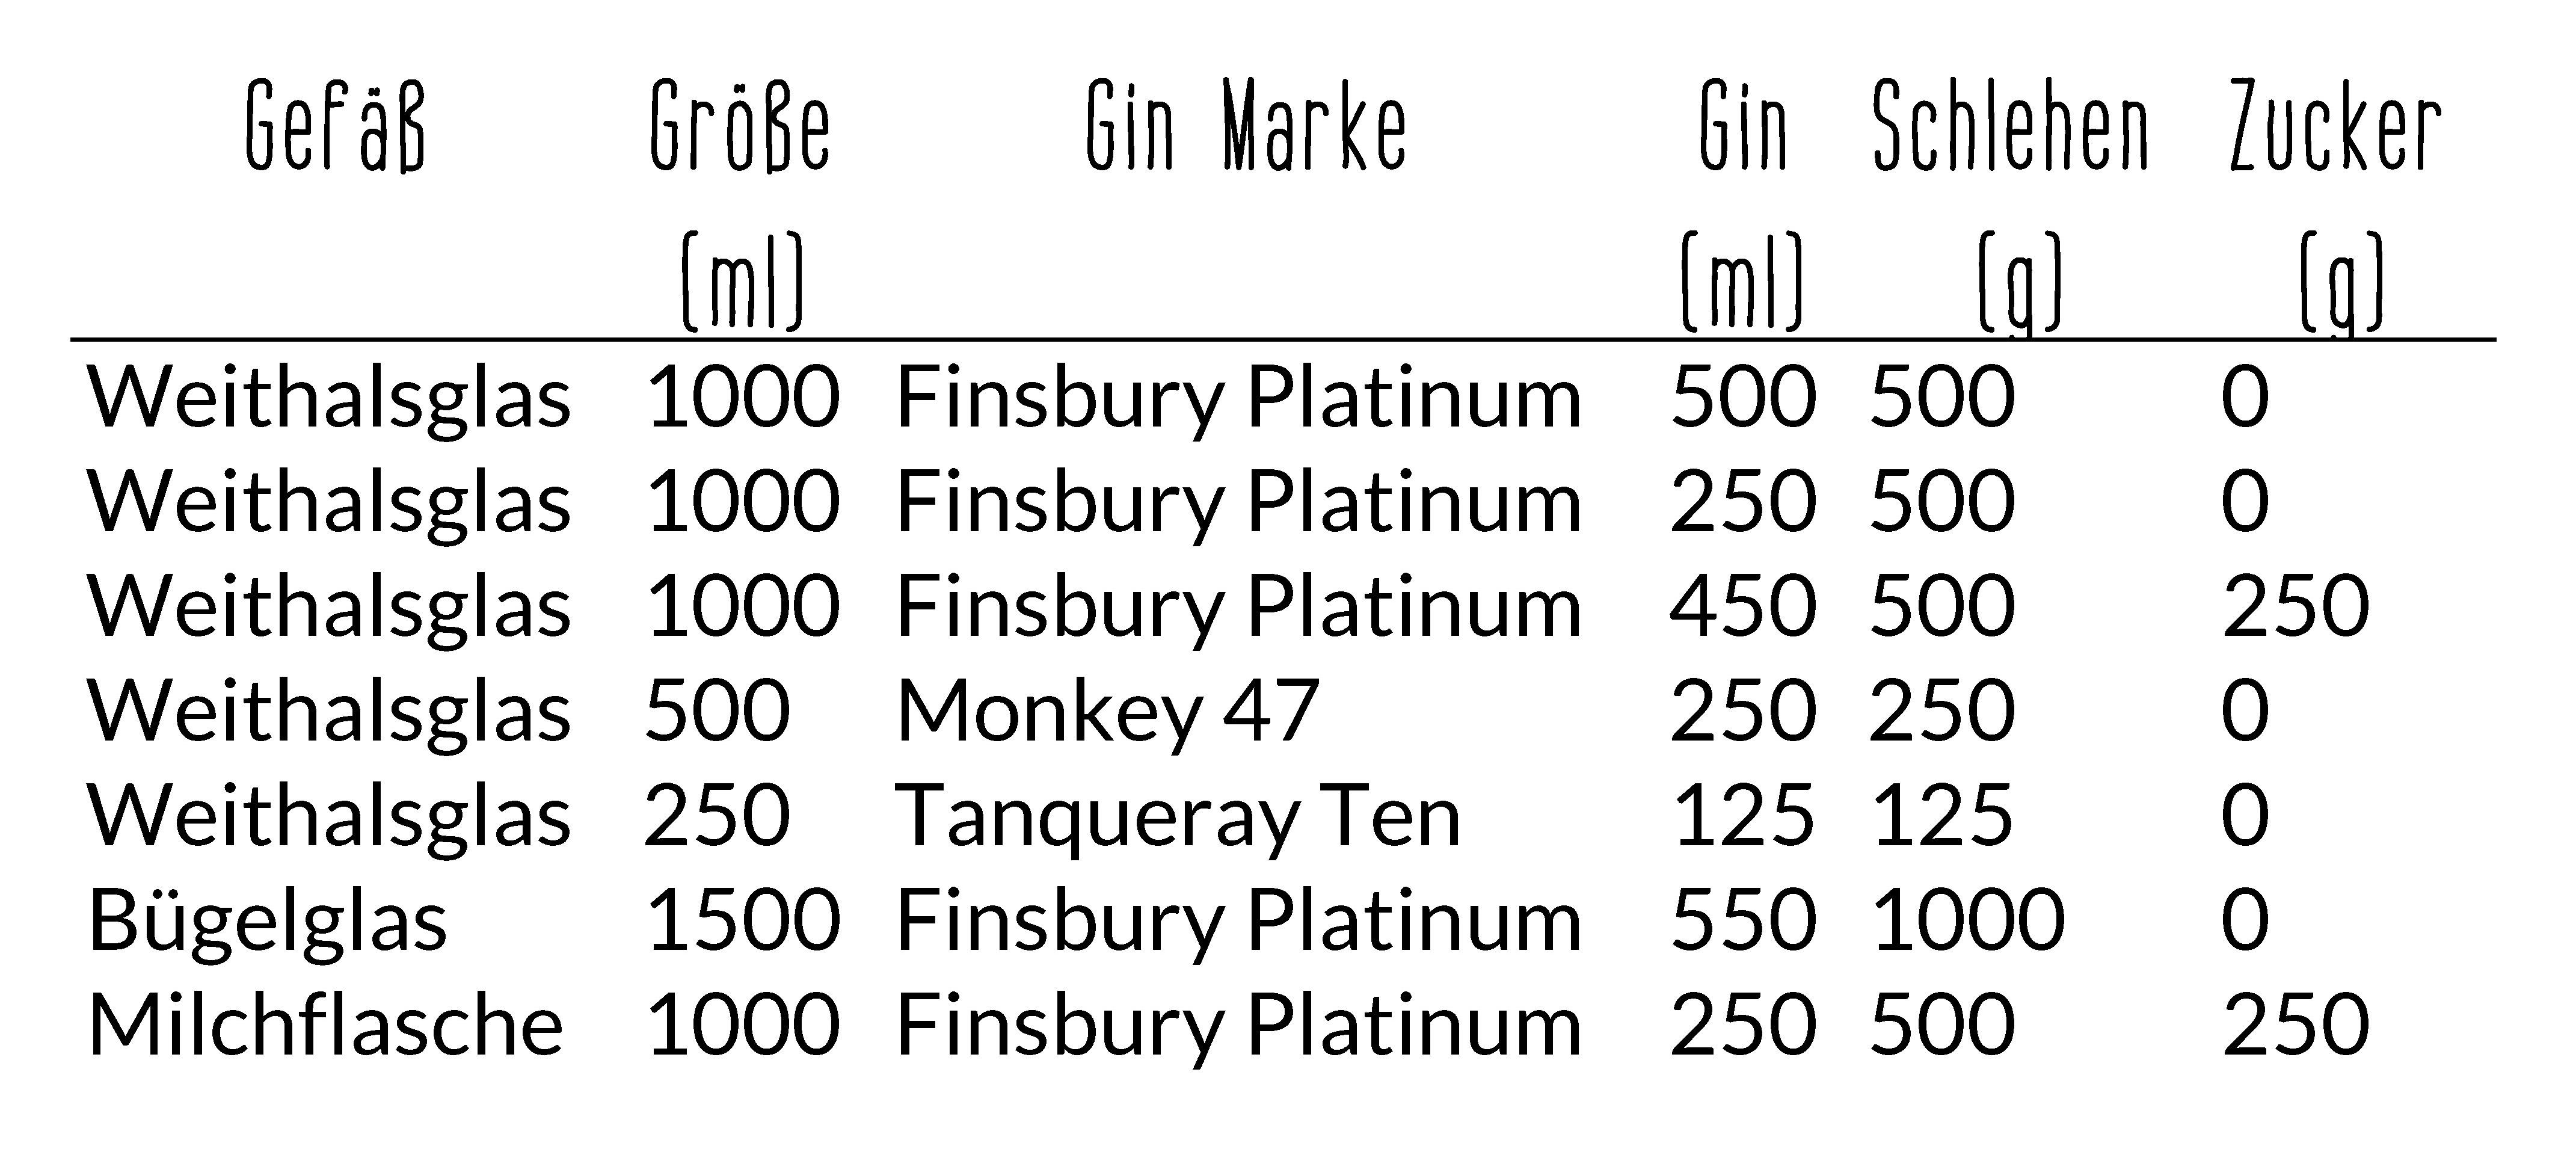 Tabelle Sloe Gin Ansatz